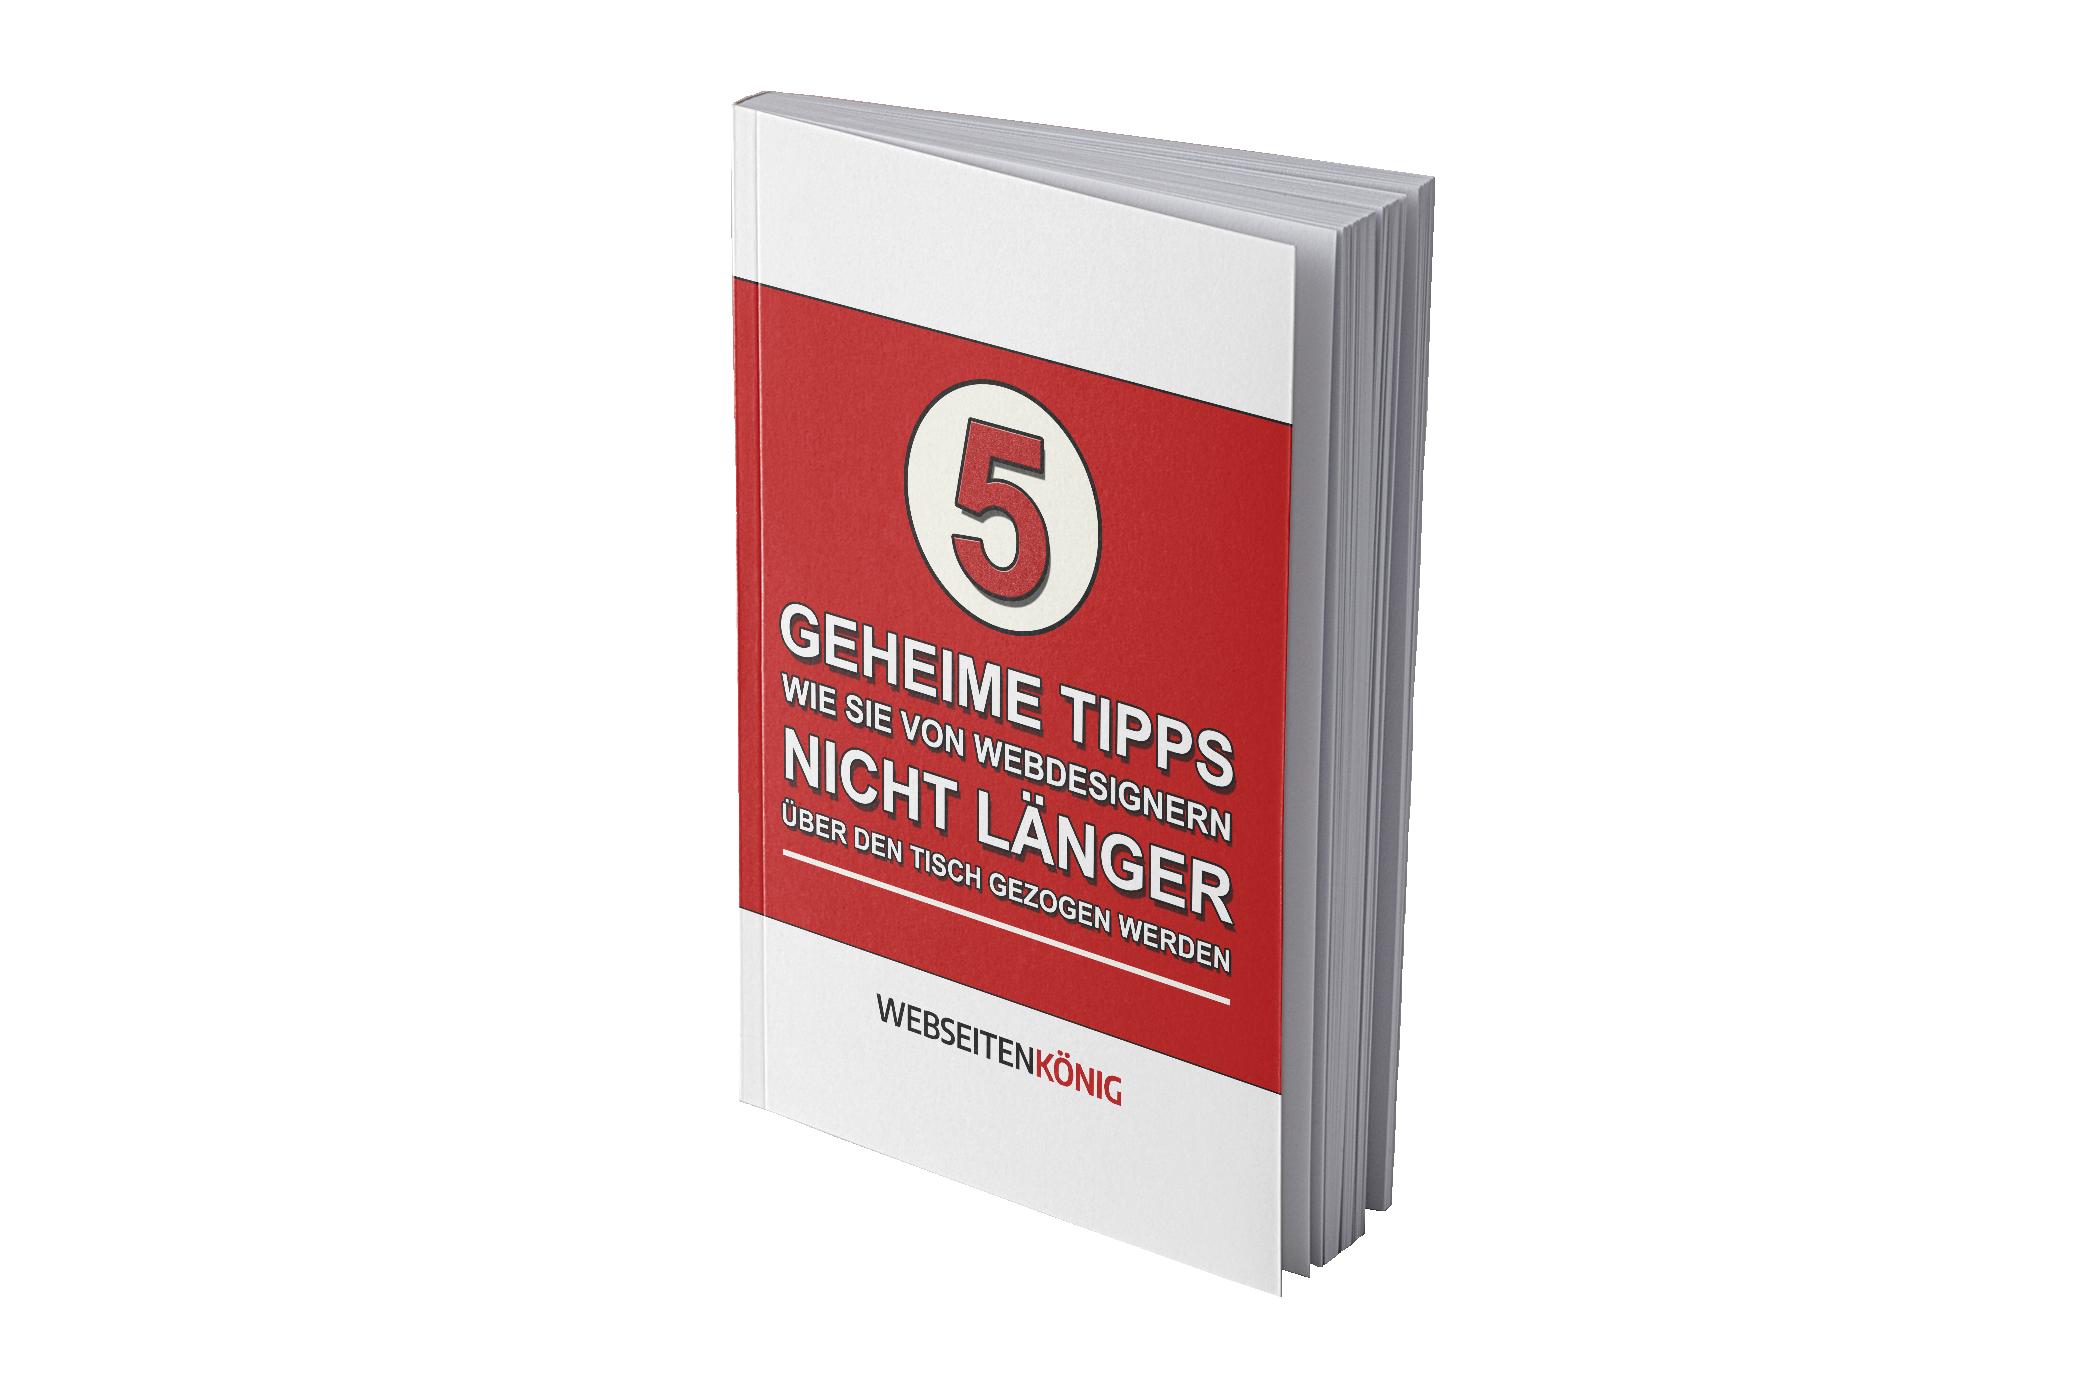 5 geheime Tipps